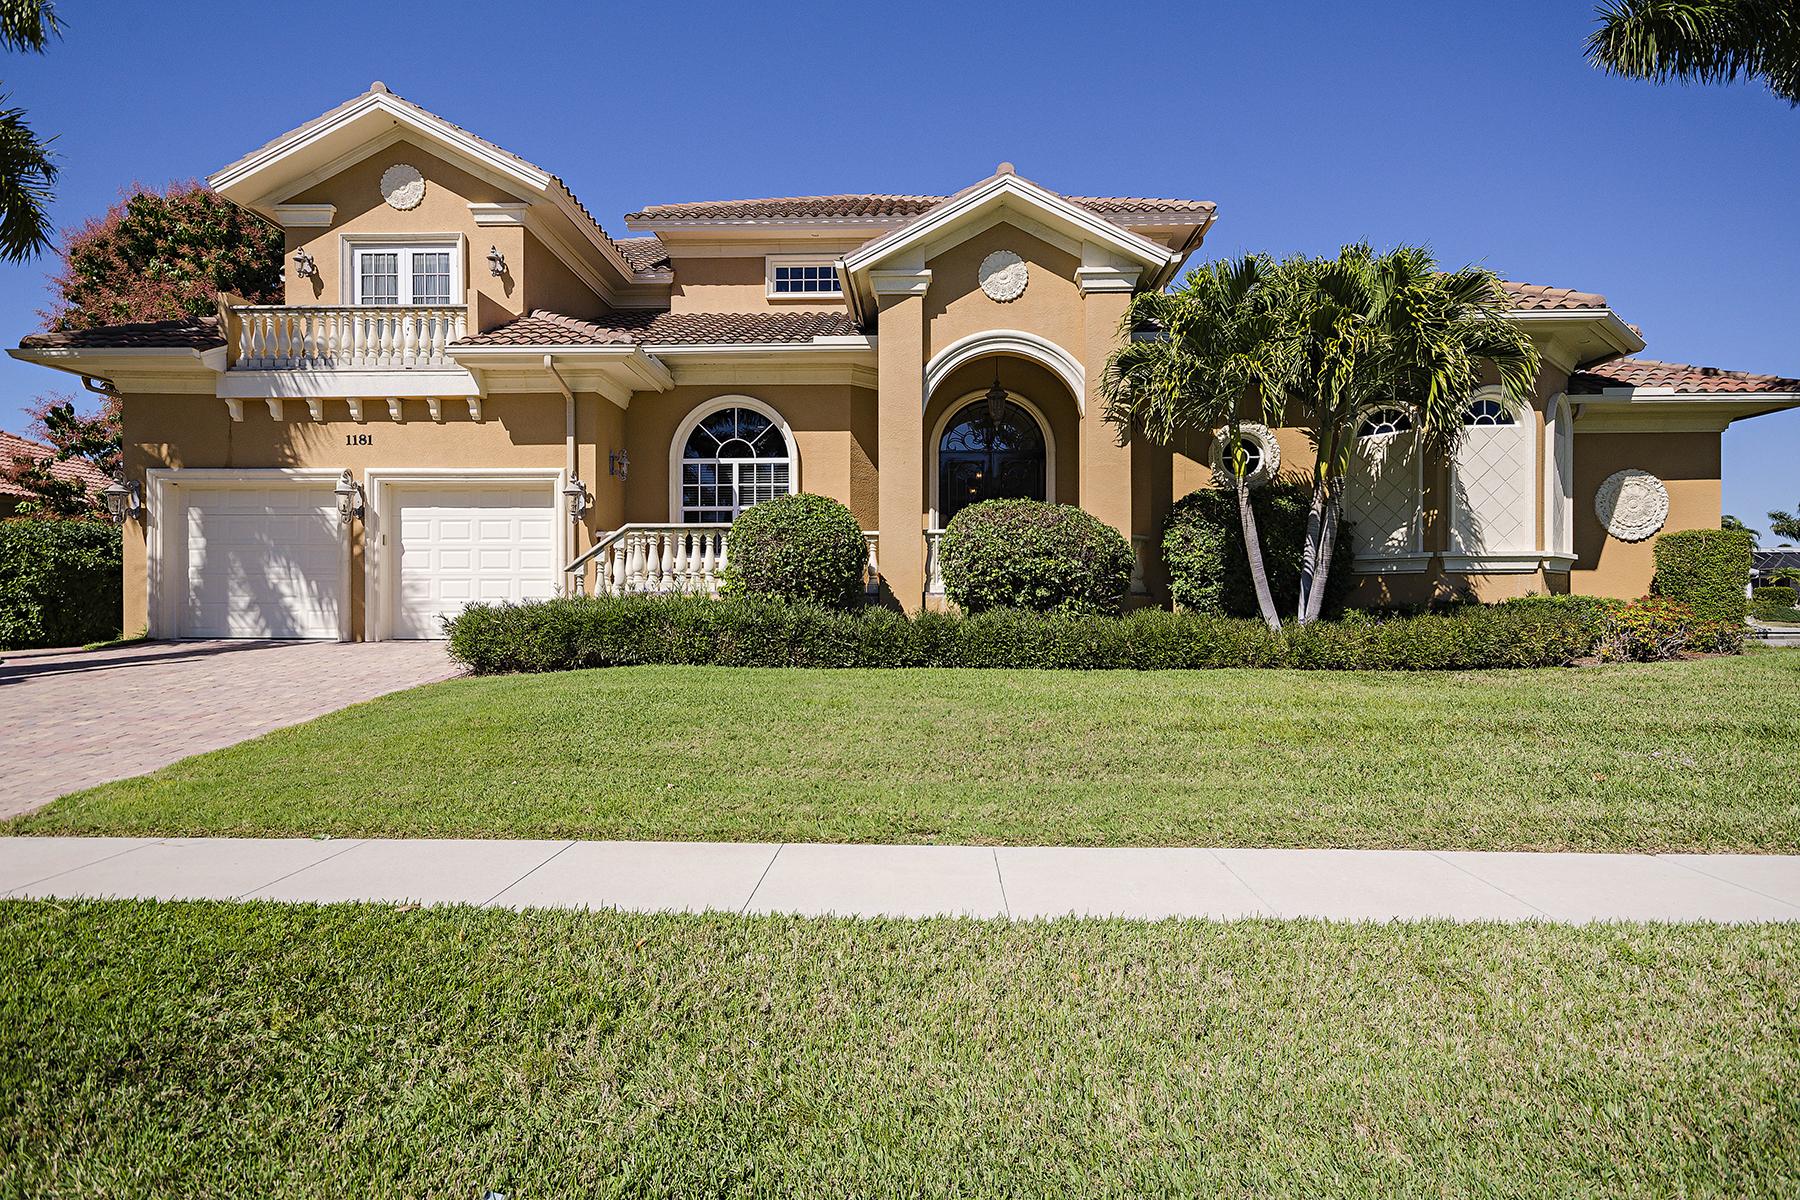 Villa per Vendita alle ore MARCO ISLAND - OSPREY CT 1181 Osprey Ct Marco Island, Florida 34145 Stati Uniti